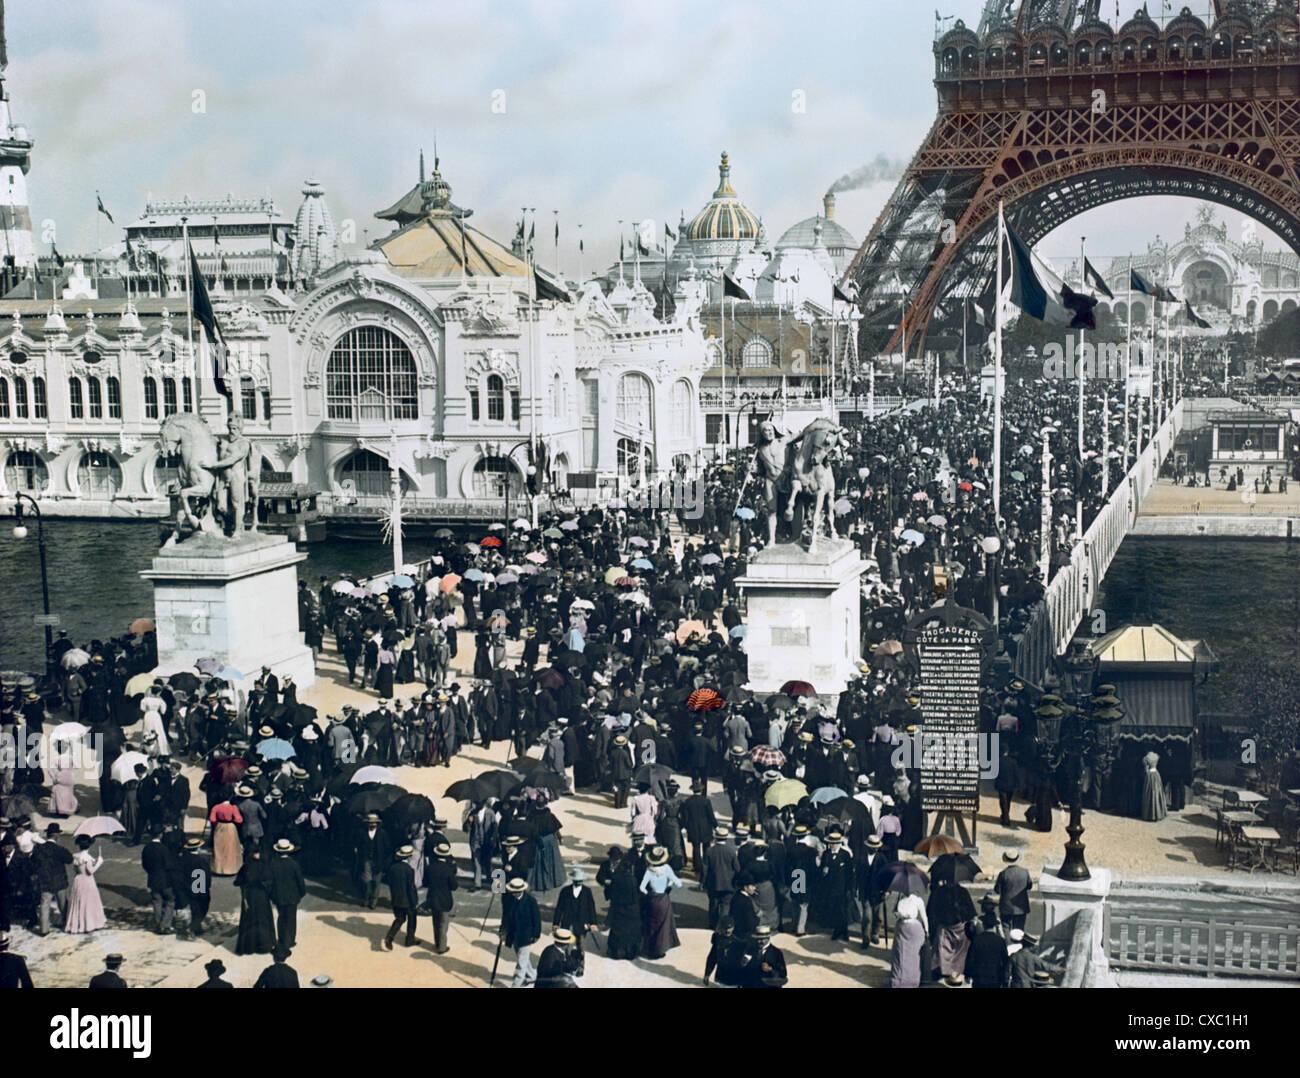 La Tour Eiffel, le Grand Palais, et l'entrée de l'Exposition de Paris de 1900 Banque D'Images